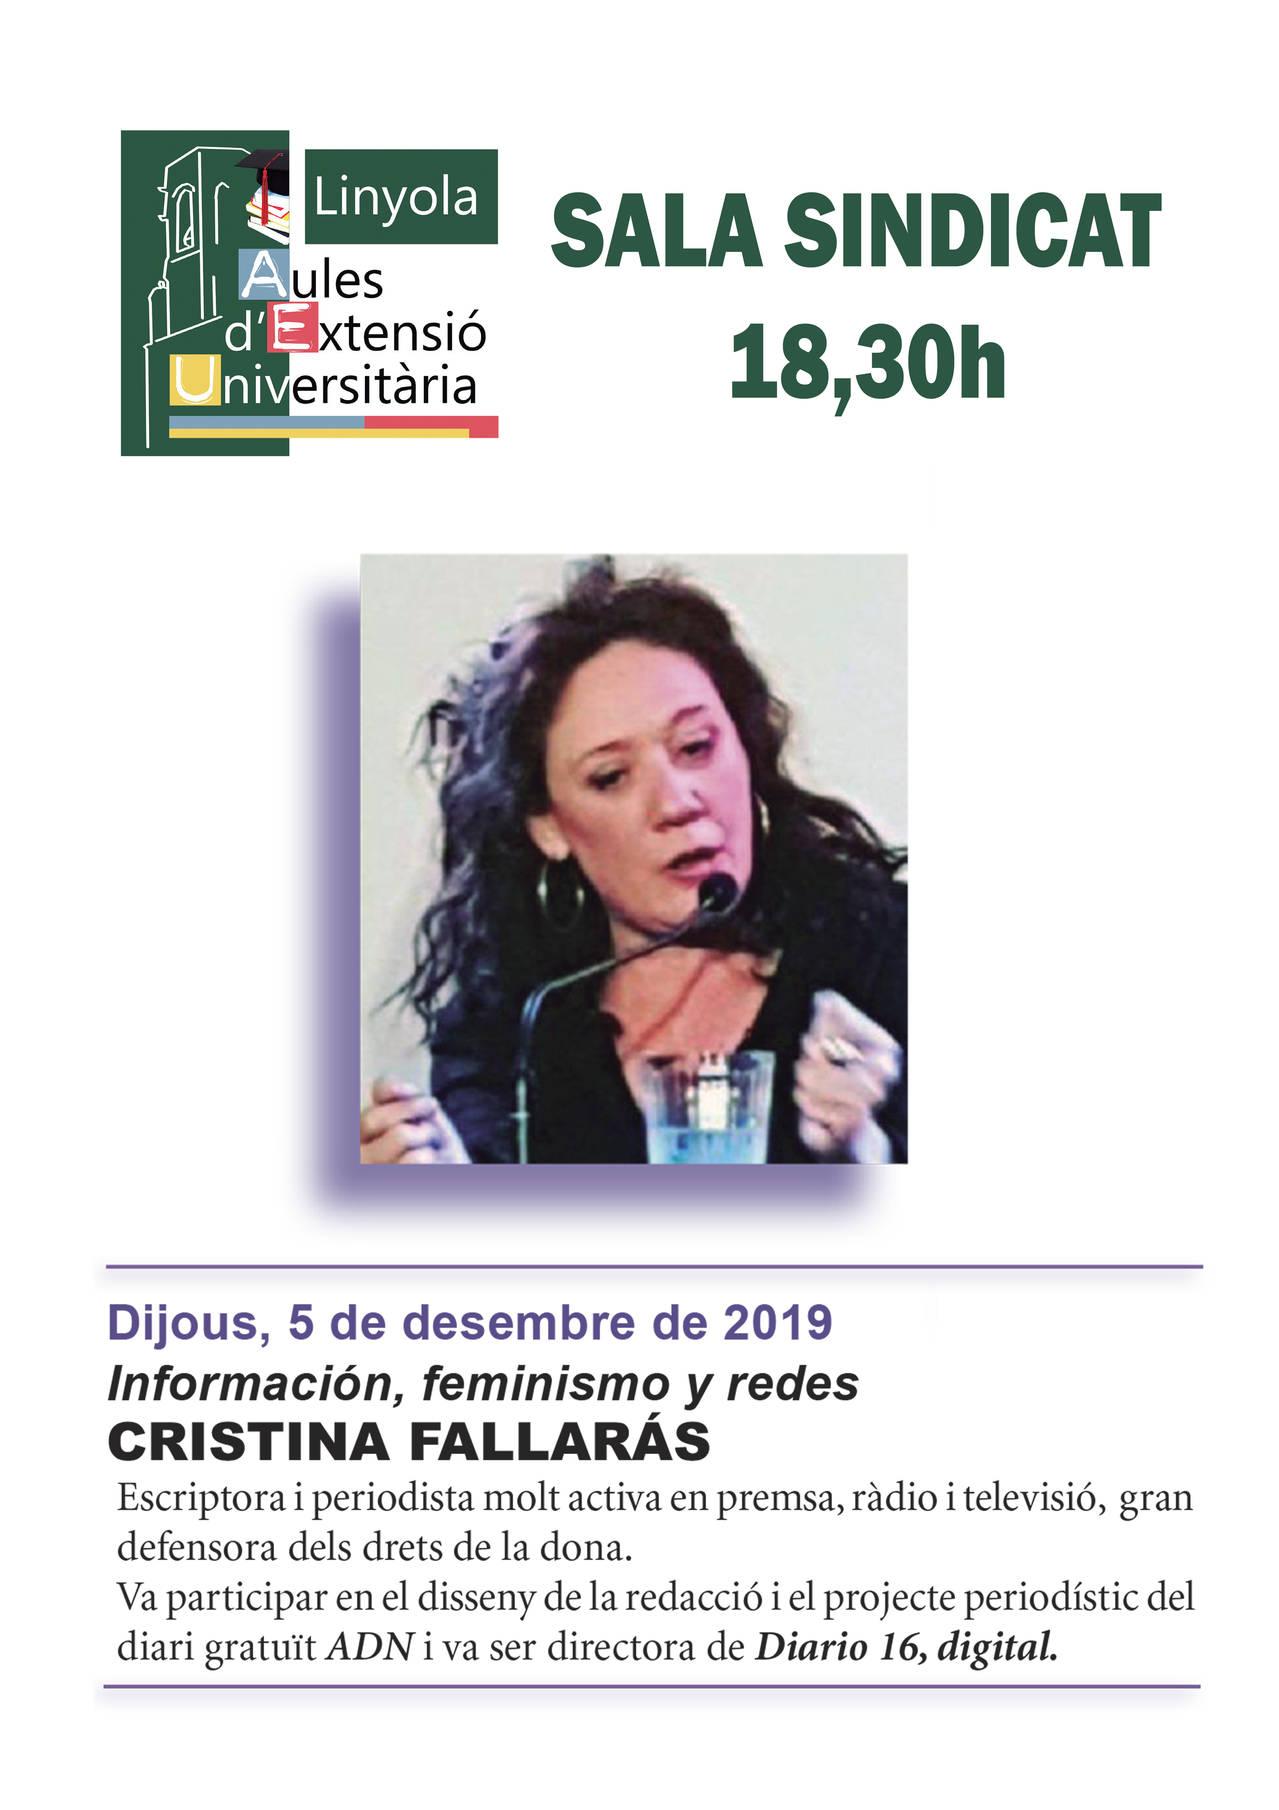 AULES D'EXTENSIÓ UNIVERSITÀRIA DE LINYOLA